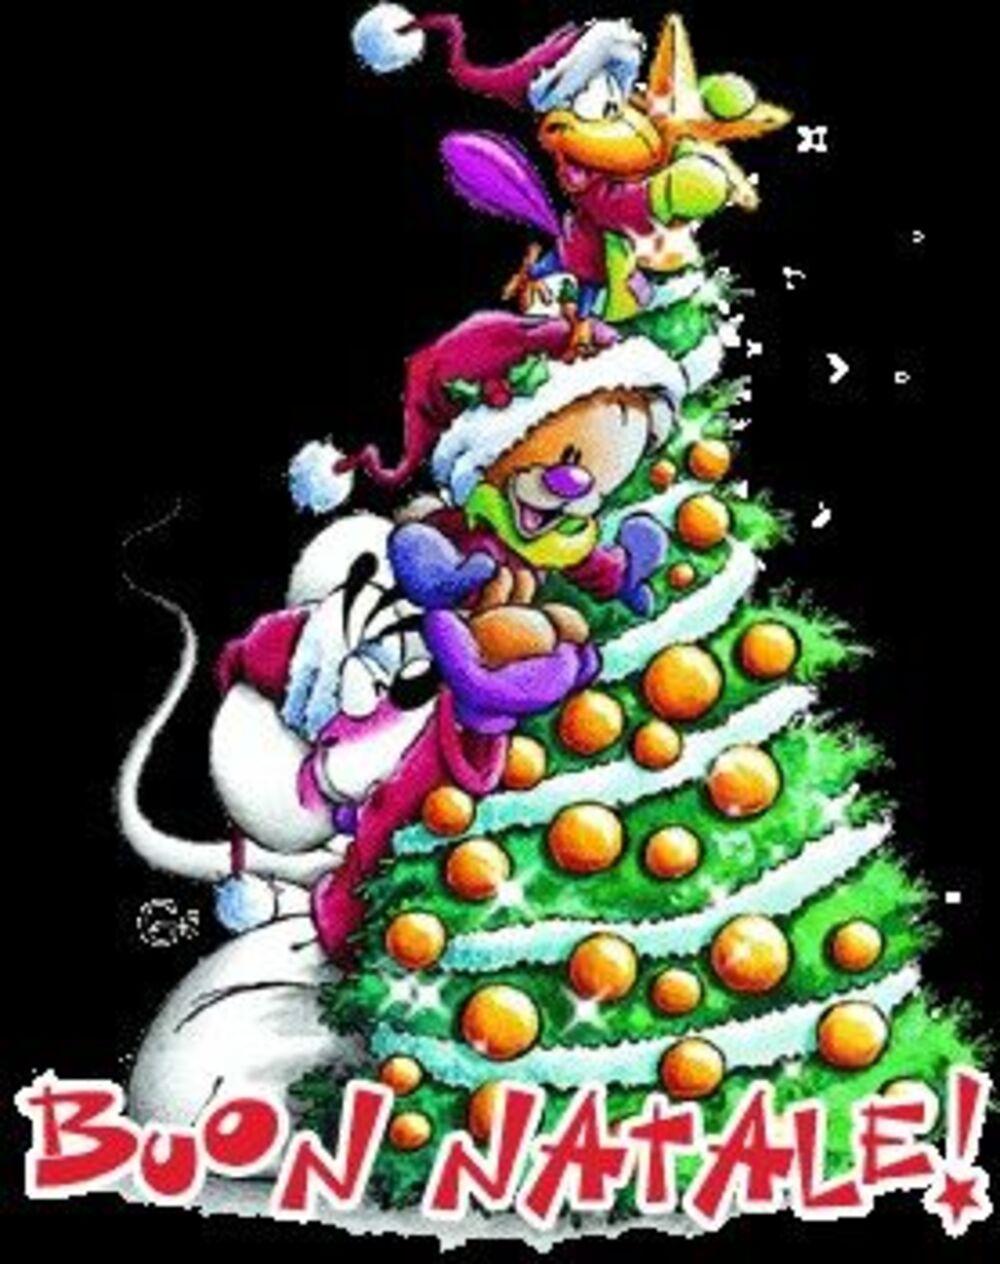 Buon Natale Immaigni diddle